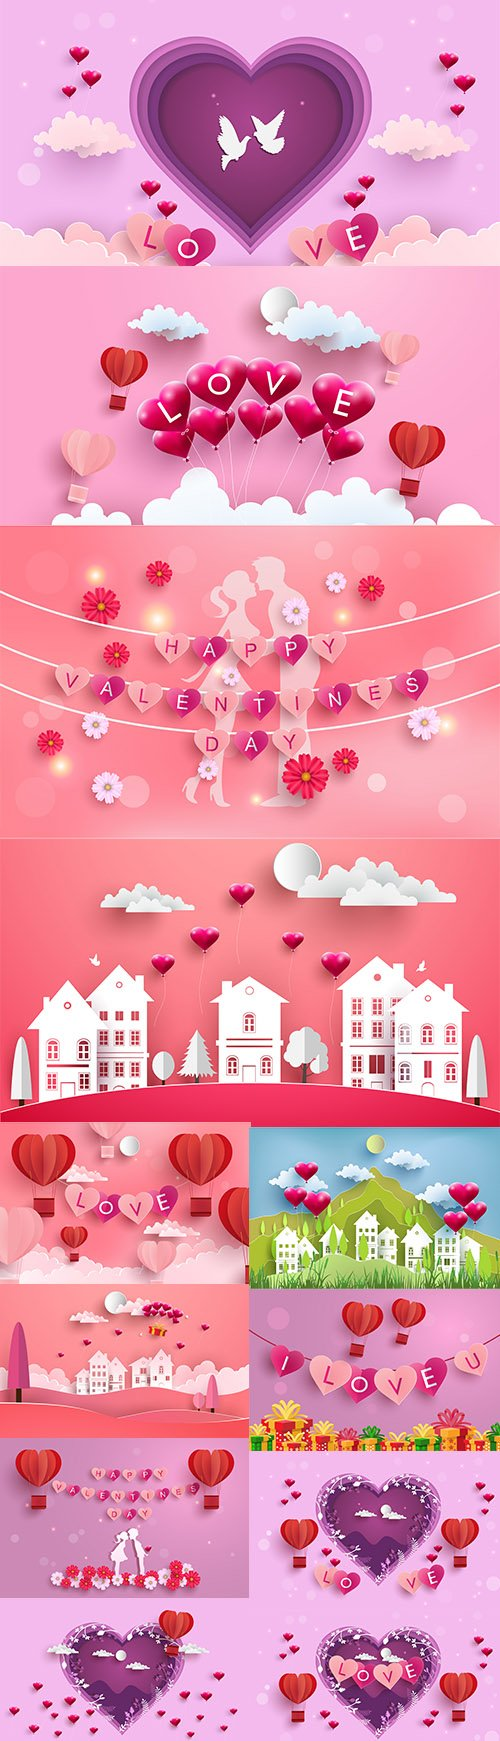 Happy Valentines Day Illustration Set Vol 2